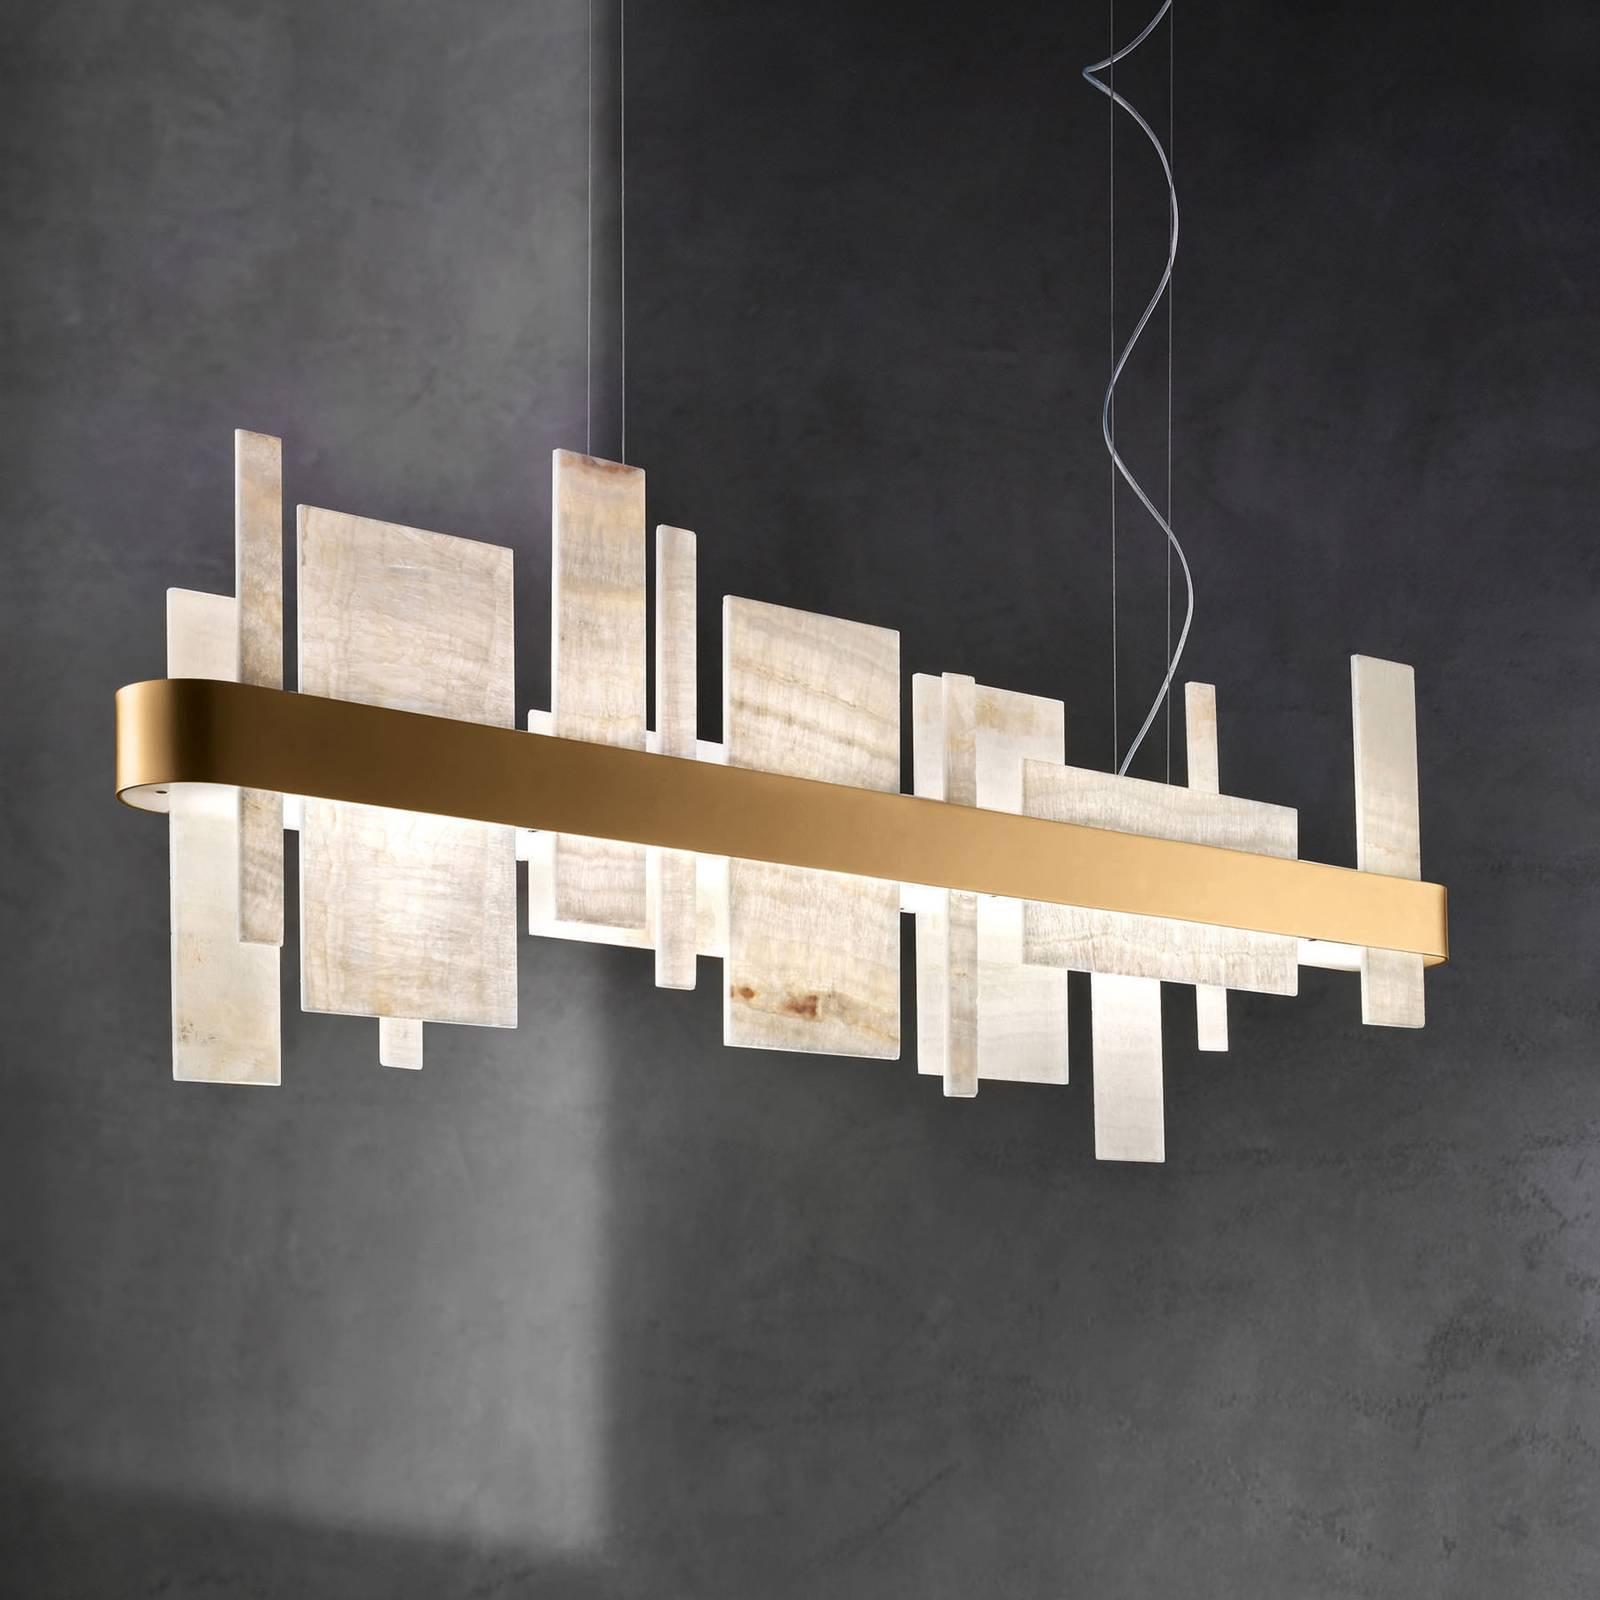 LED-riippuvalaisin Honicé S100, pituus 100 cm